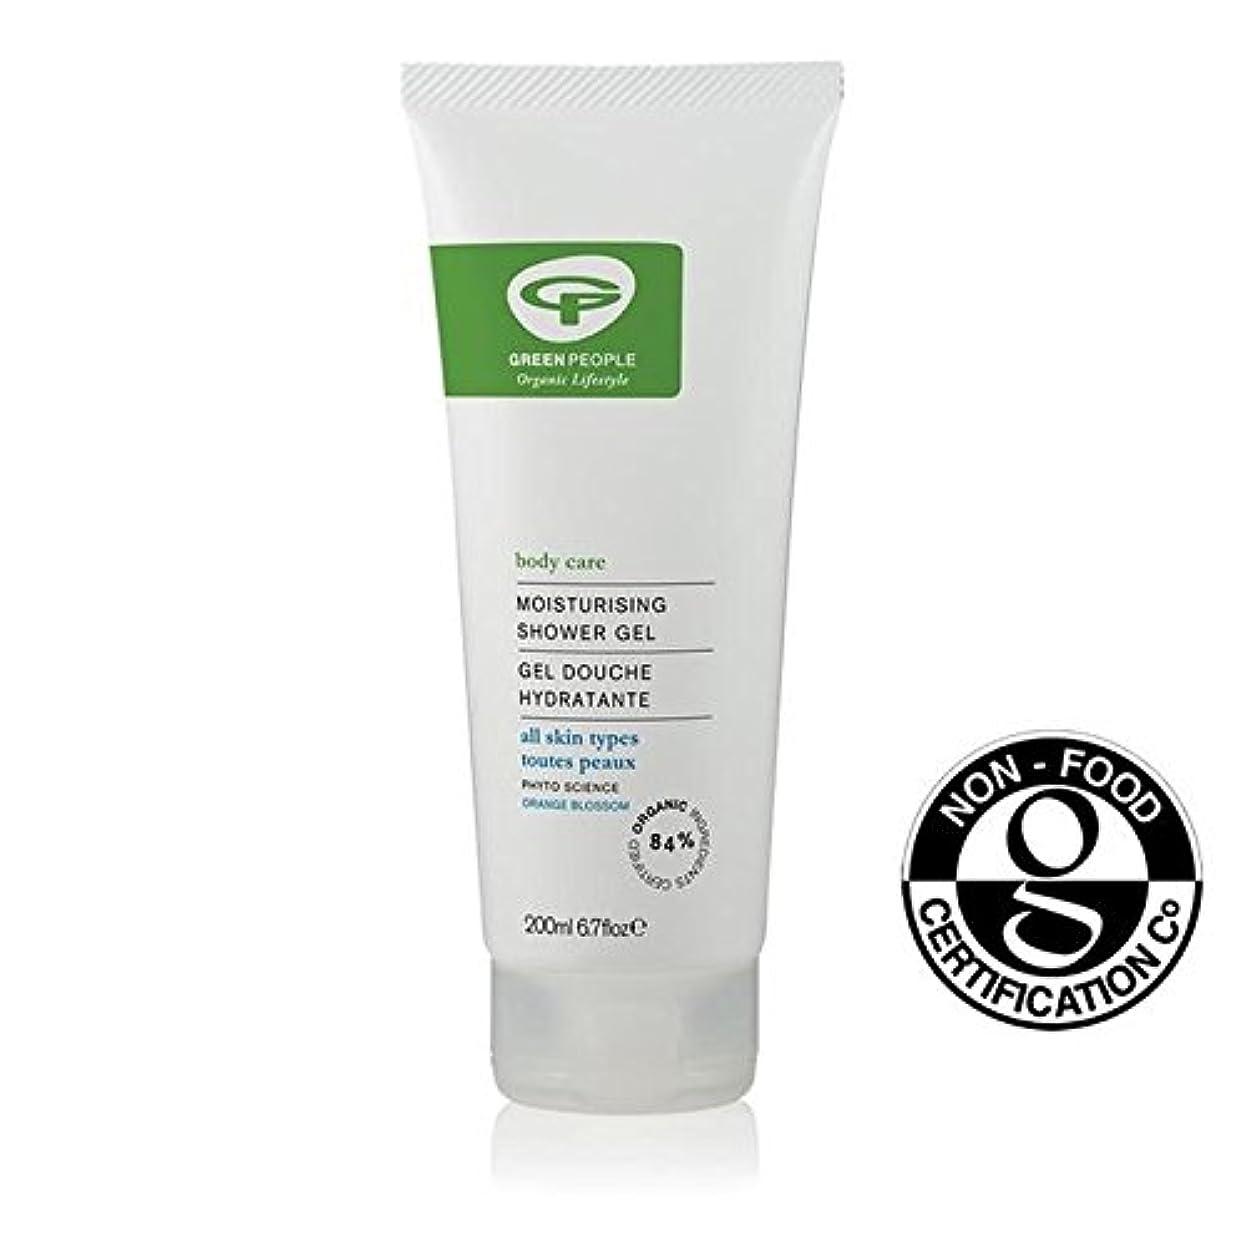 予感明るい助けになる緑の人々の有機保湿シャワージェル200 x2 - Green People Organic Moisturising Shower Gel 200ml (Pack of 2) [並行輸入品]